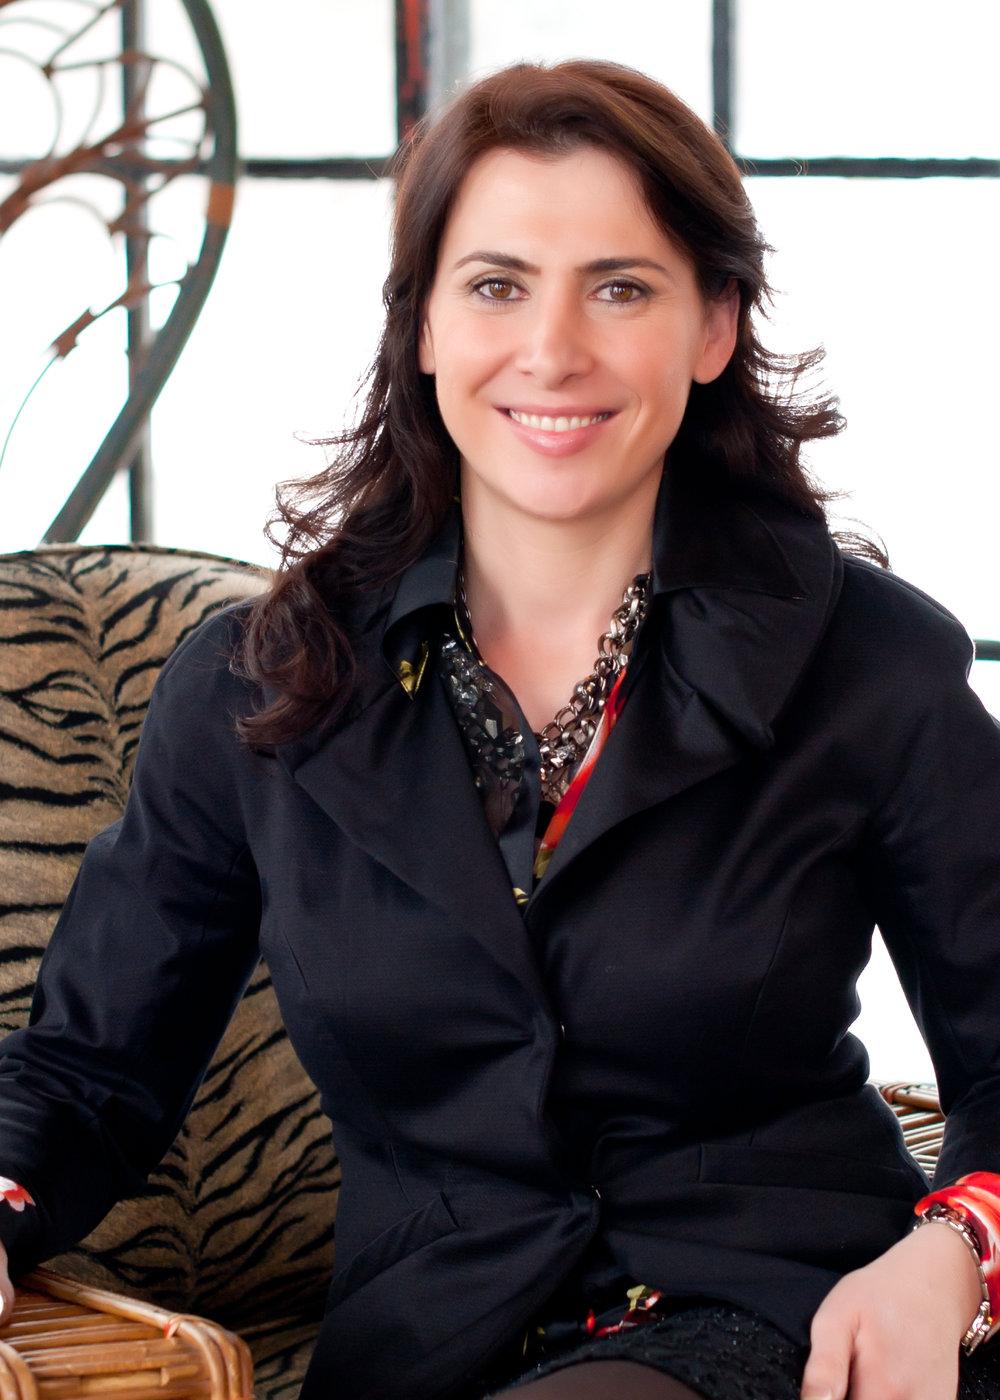 Linda Thom - CEO/ PRESIDENT